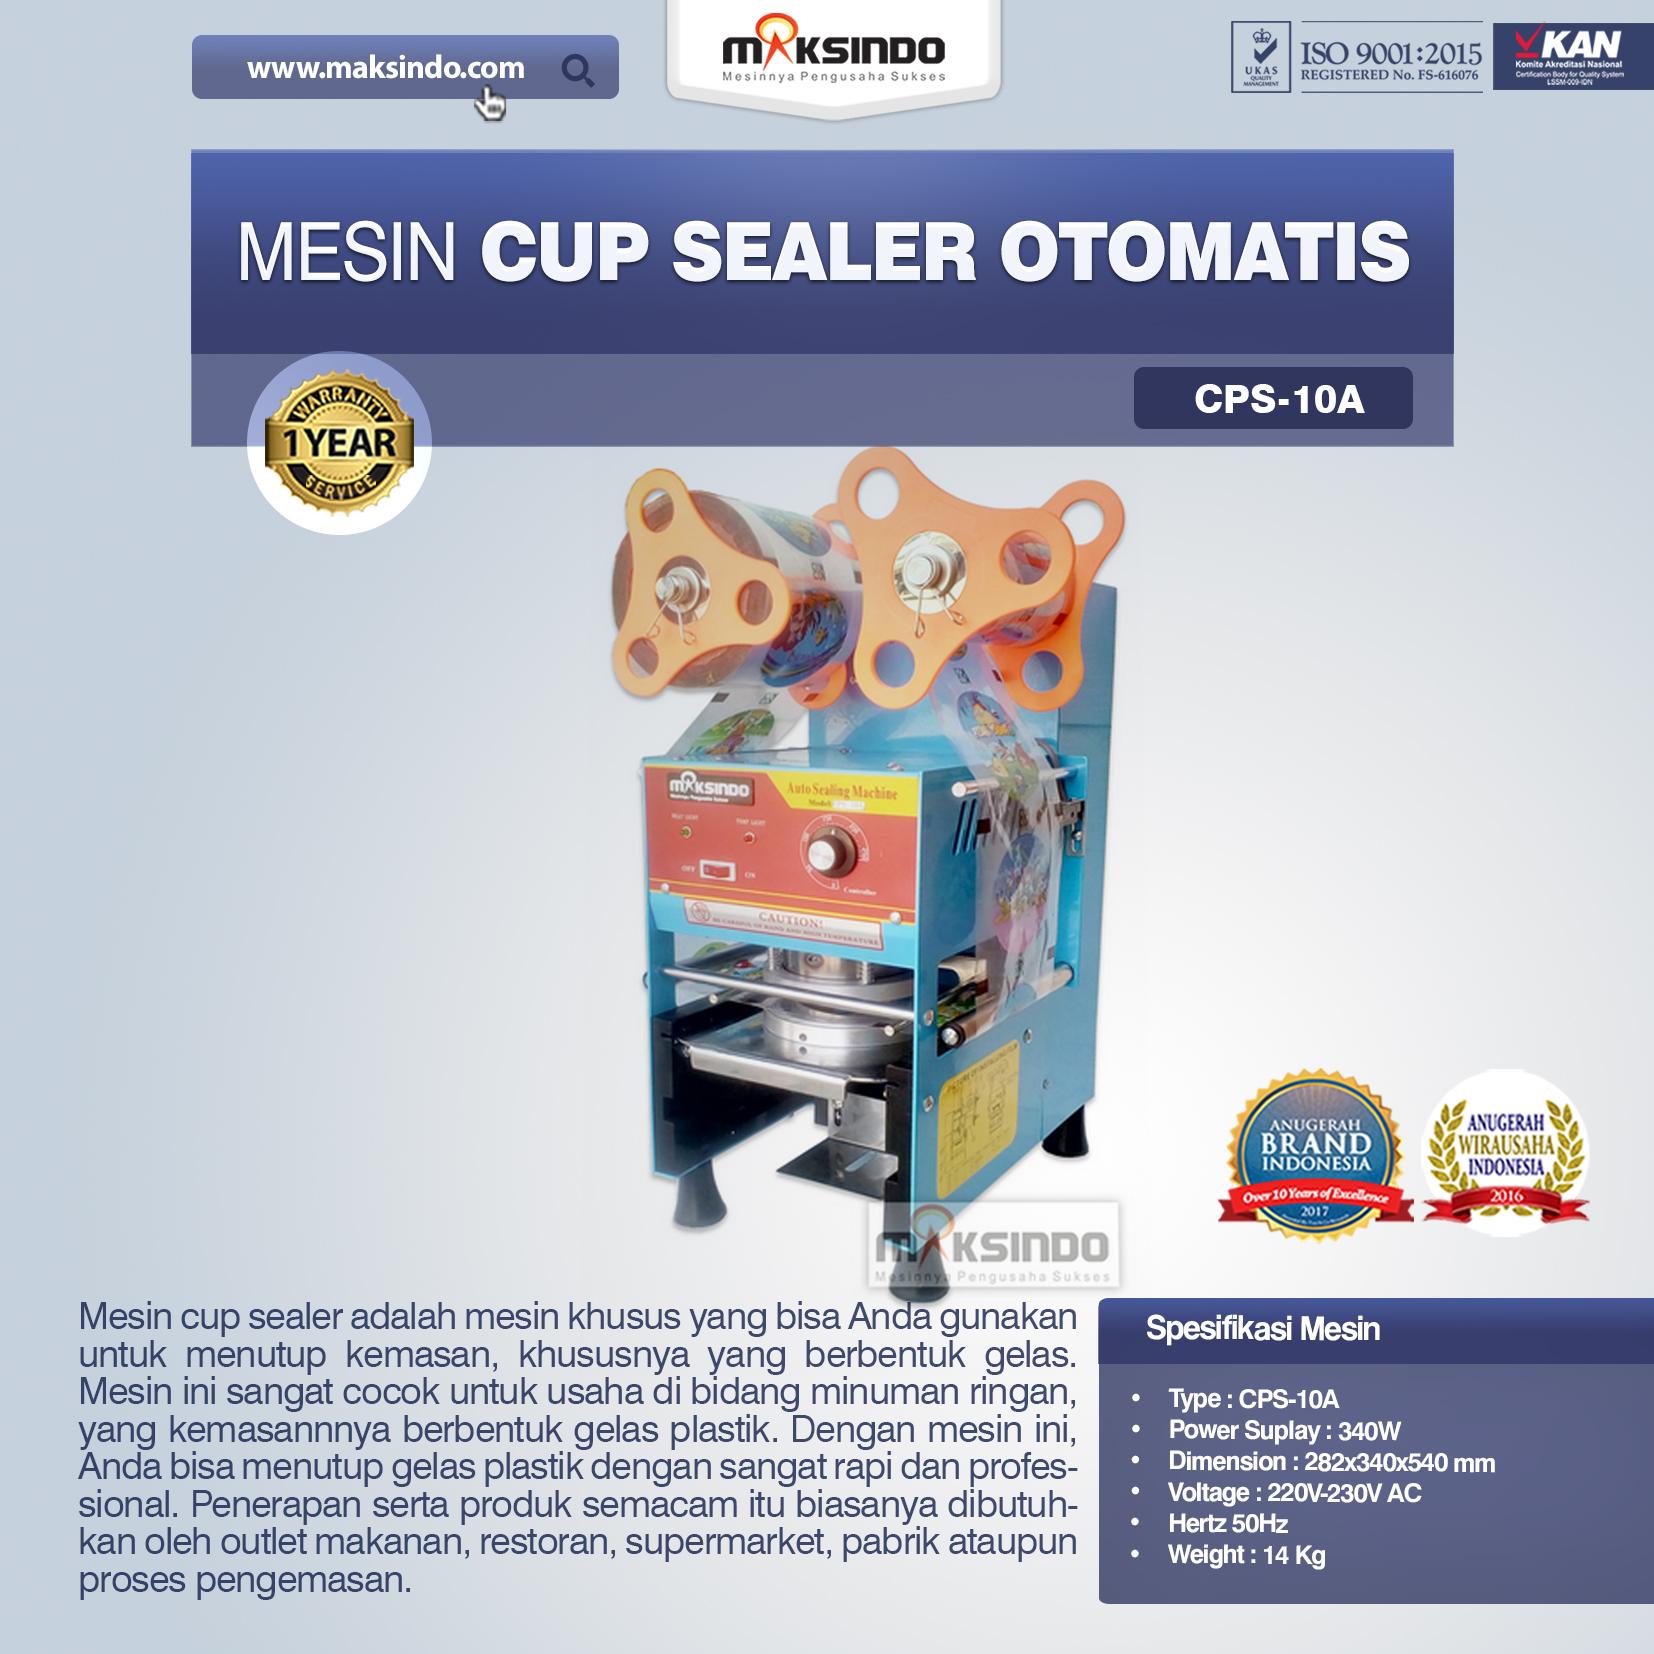 Jual Mesin Cup Sealer Otomatis (CPS-10A) di Malang